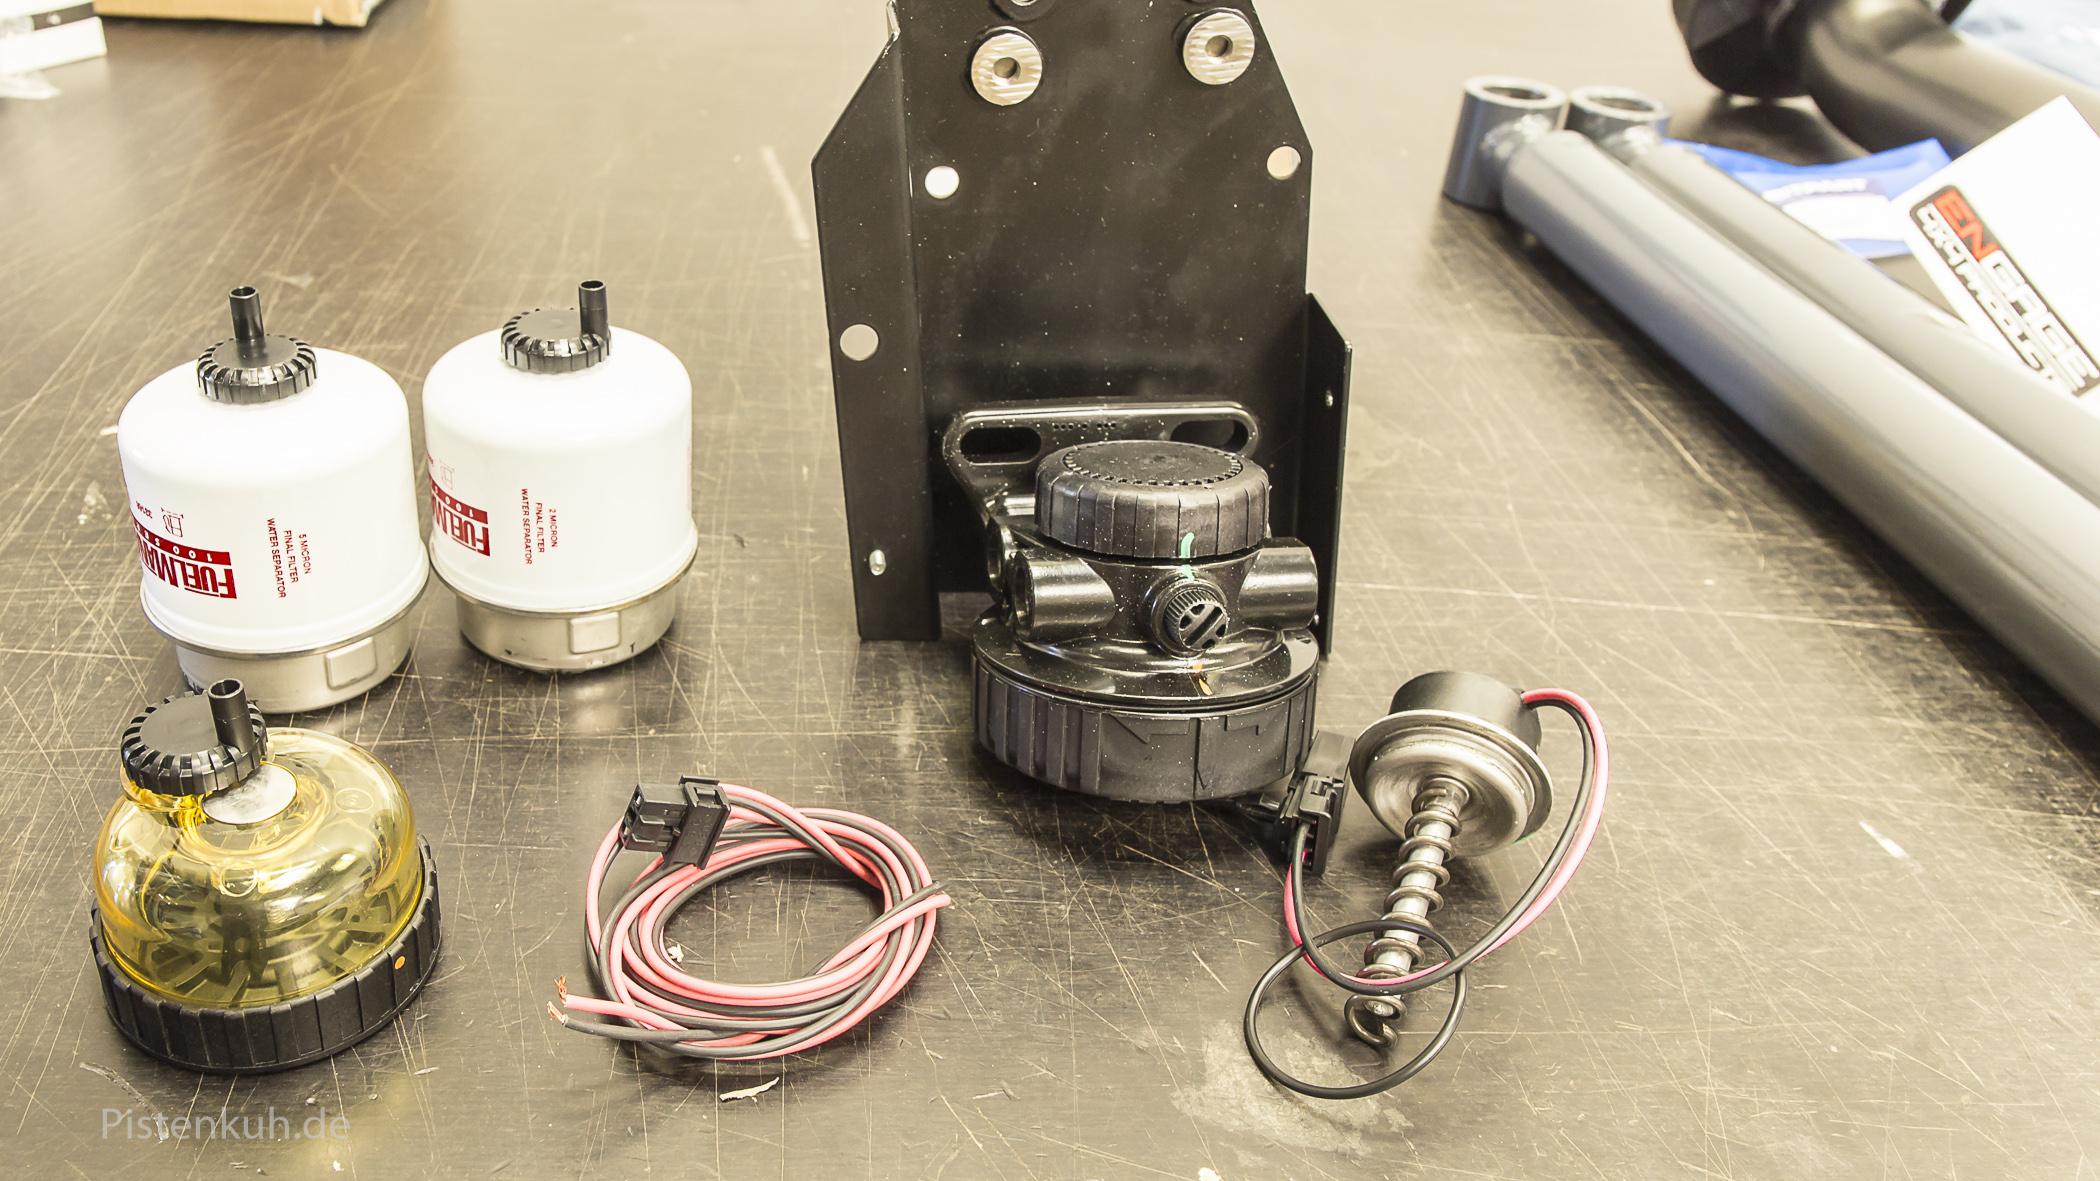 Montageplatte, Filterelemente, Heizelement und Wasserabscheider für optimale Kraftstofffilterung